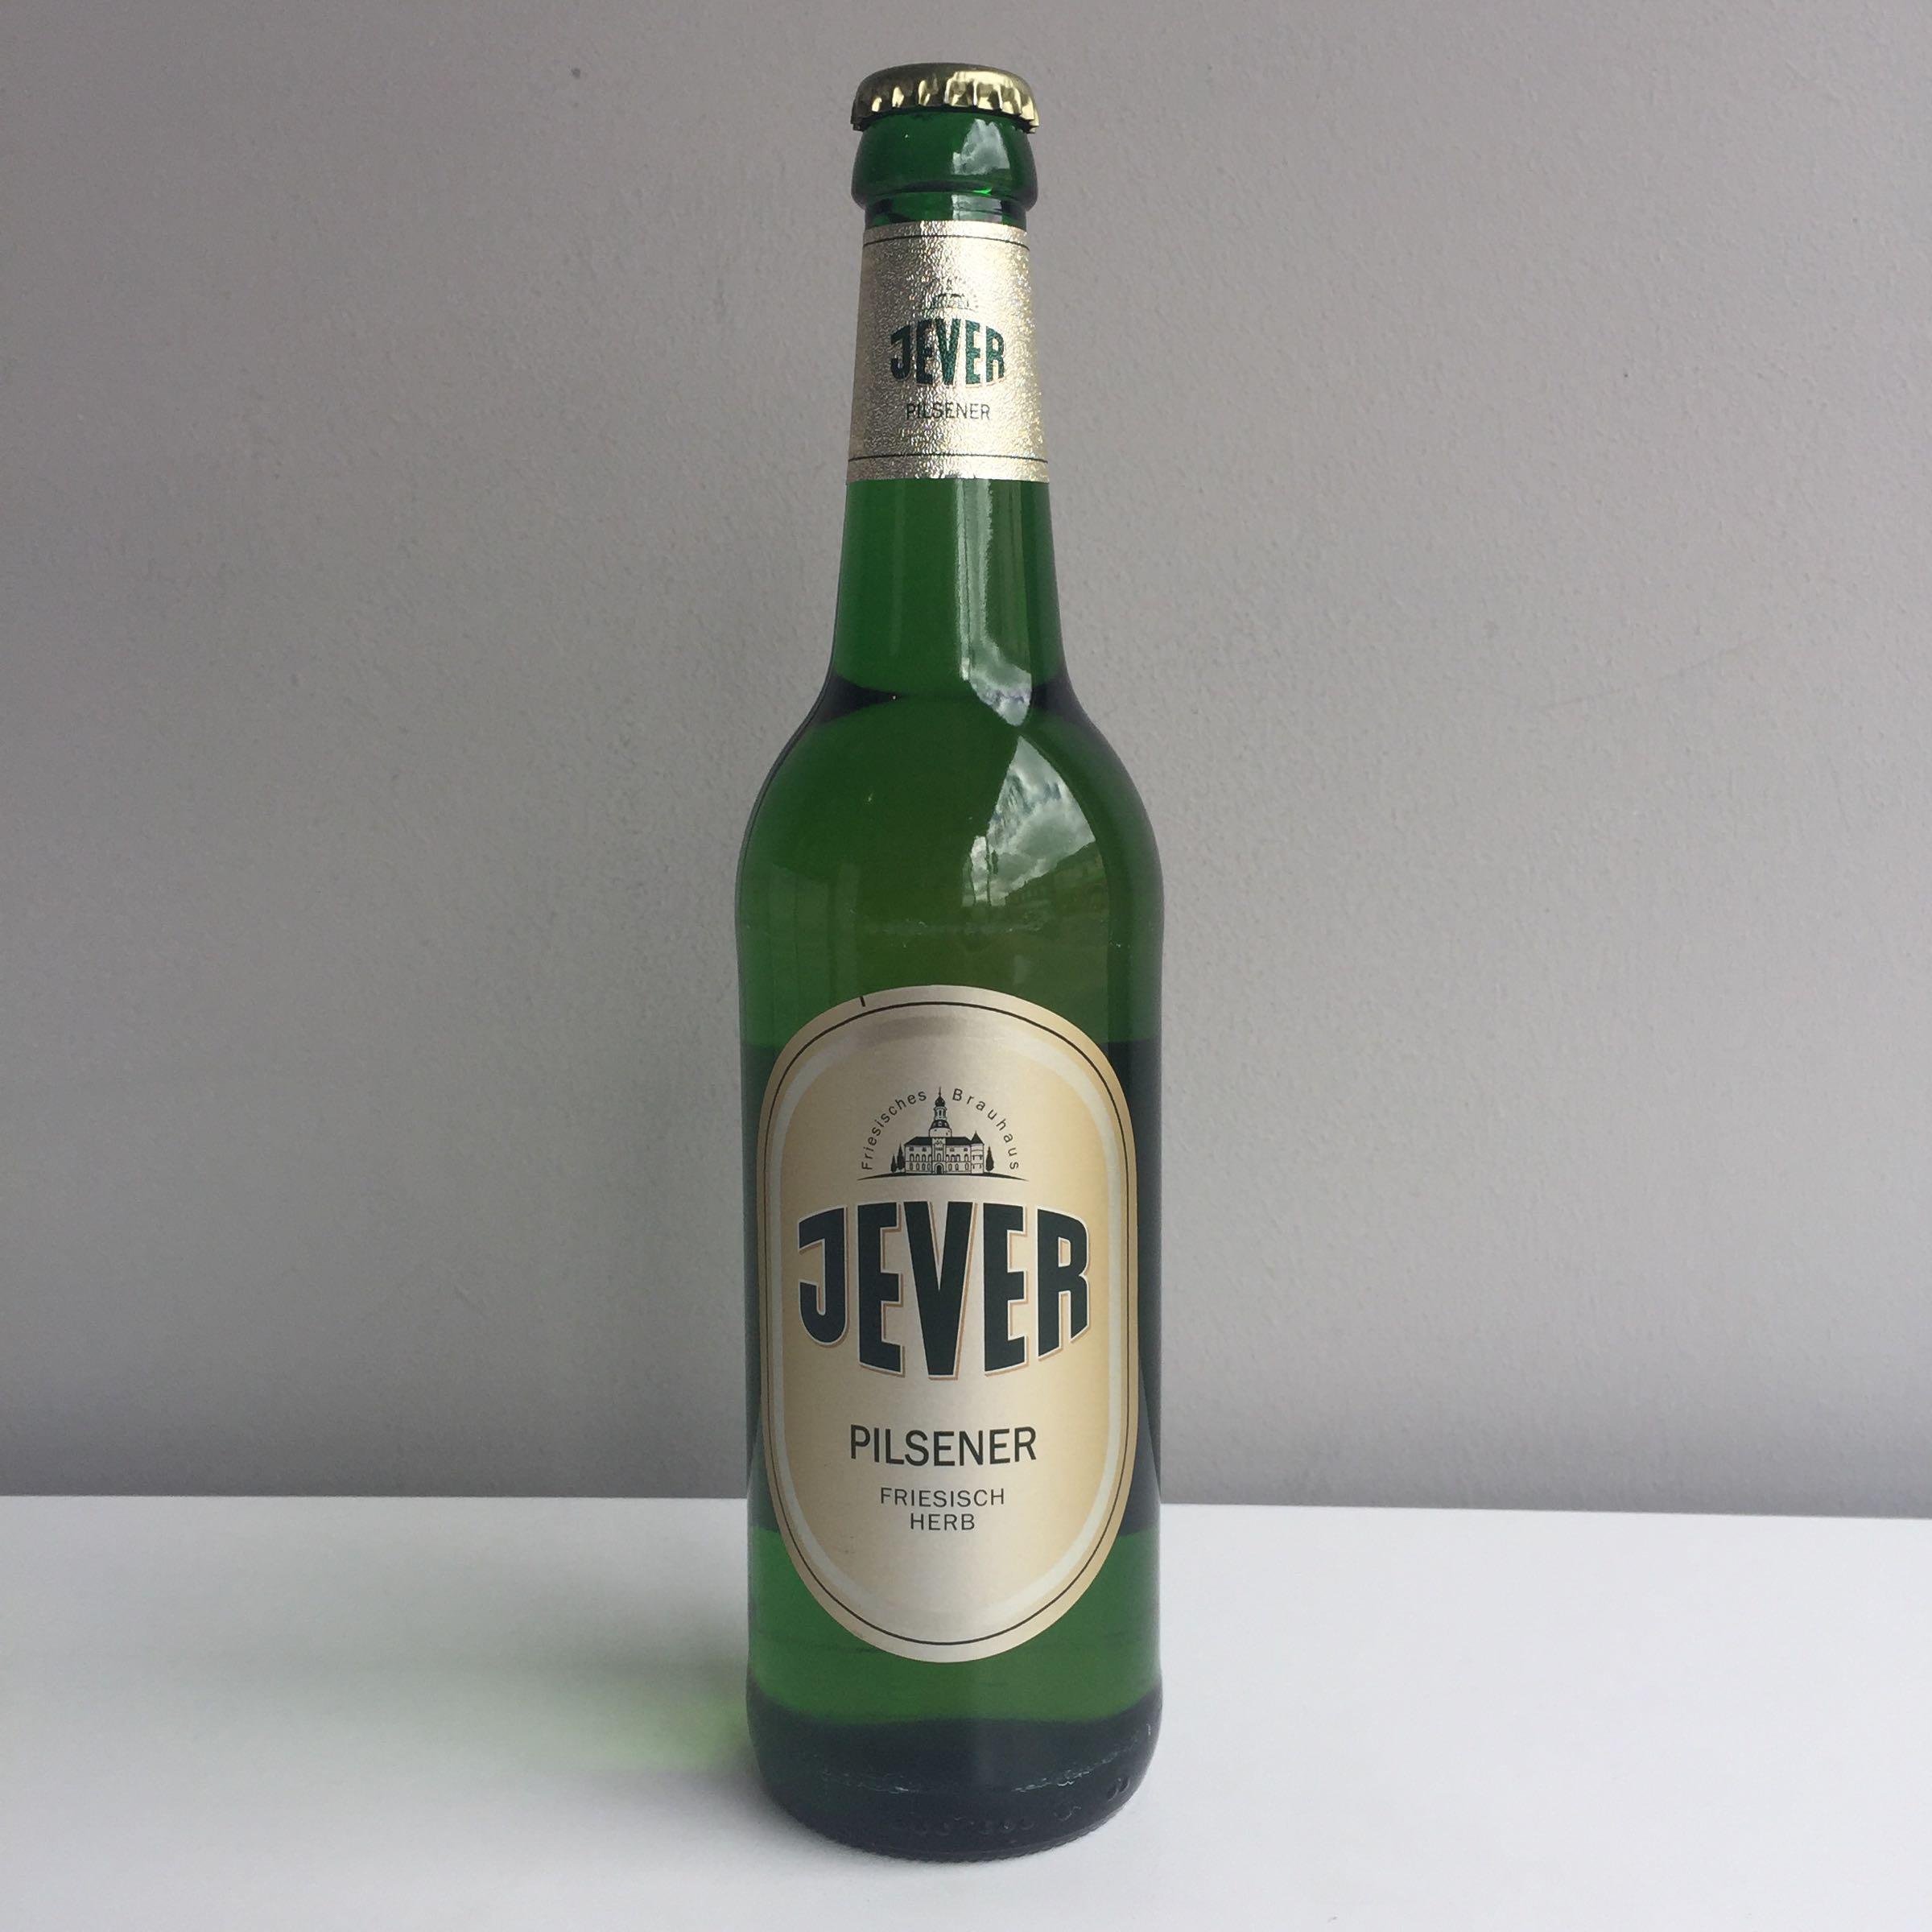 Jever Pilsner 4.9% 0.5l